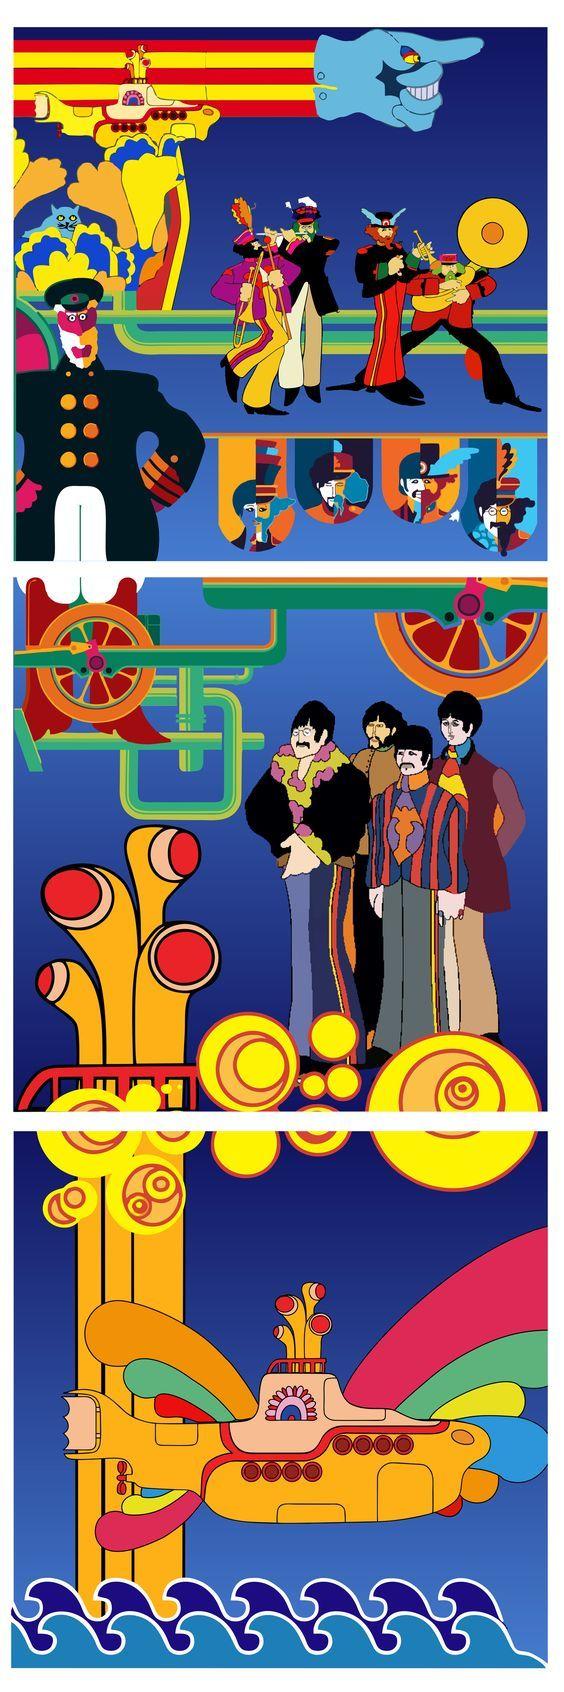 Nett Beatles Malvorlagen Fotos - Malvorlagen Von Tieren - ngadi.info